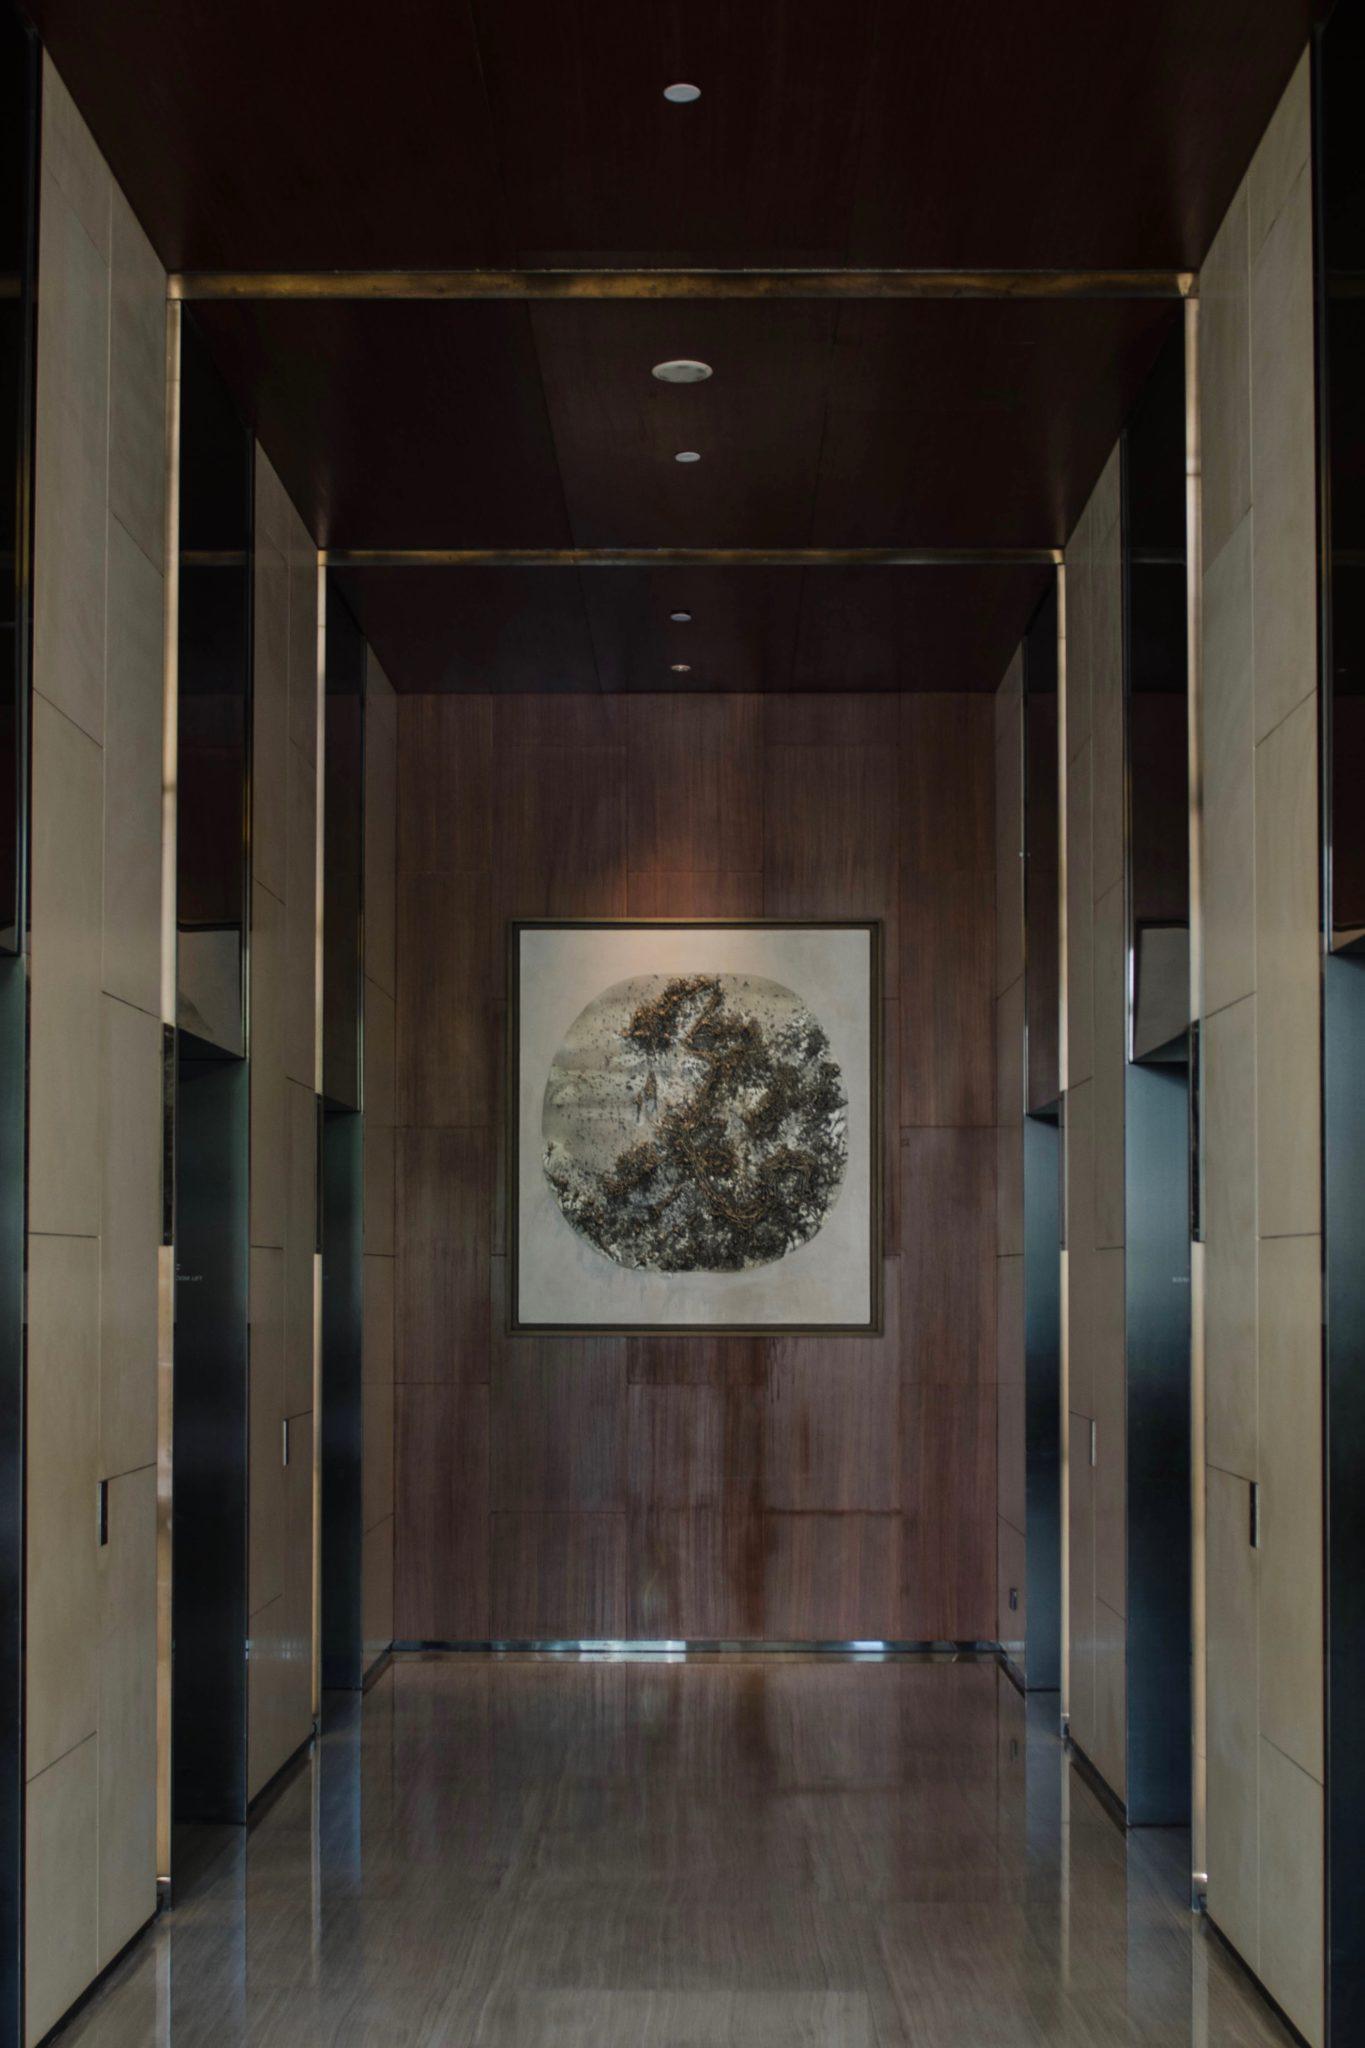 Ein Kunstwerk am Fahrstuhl